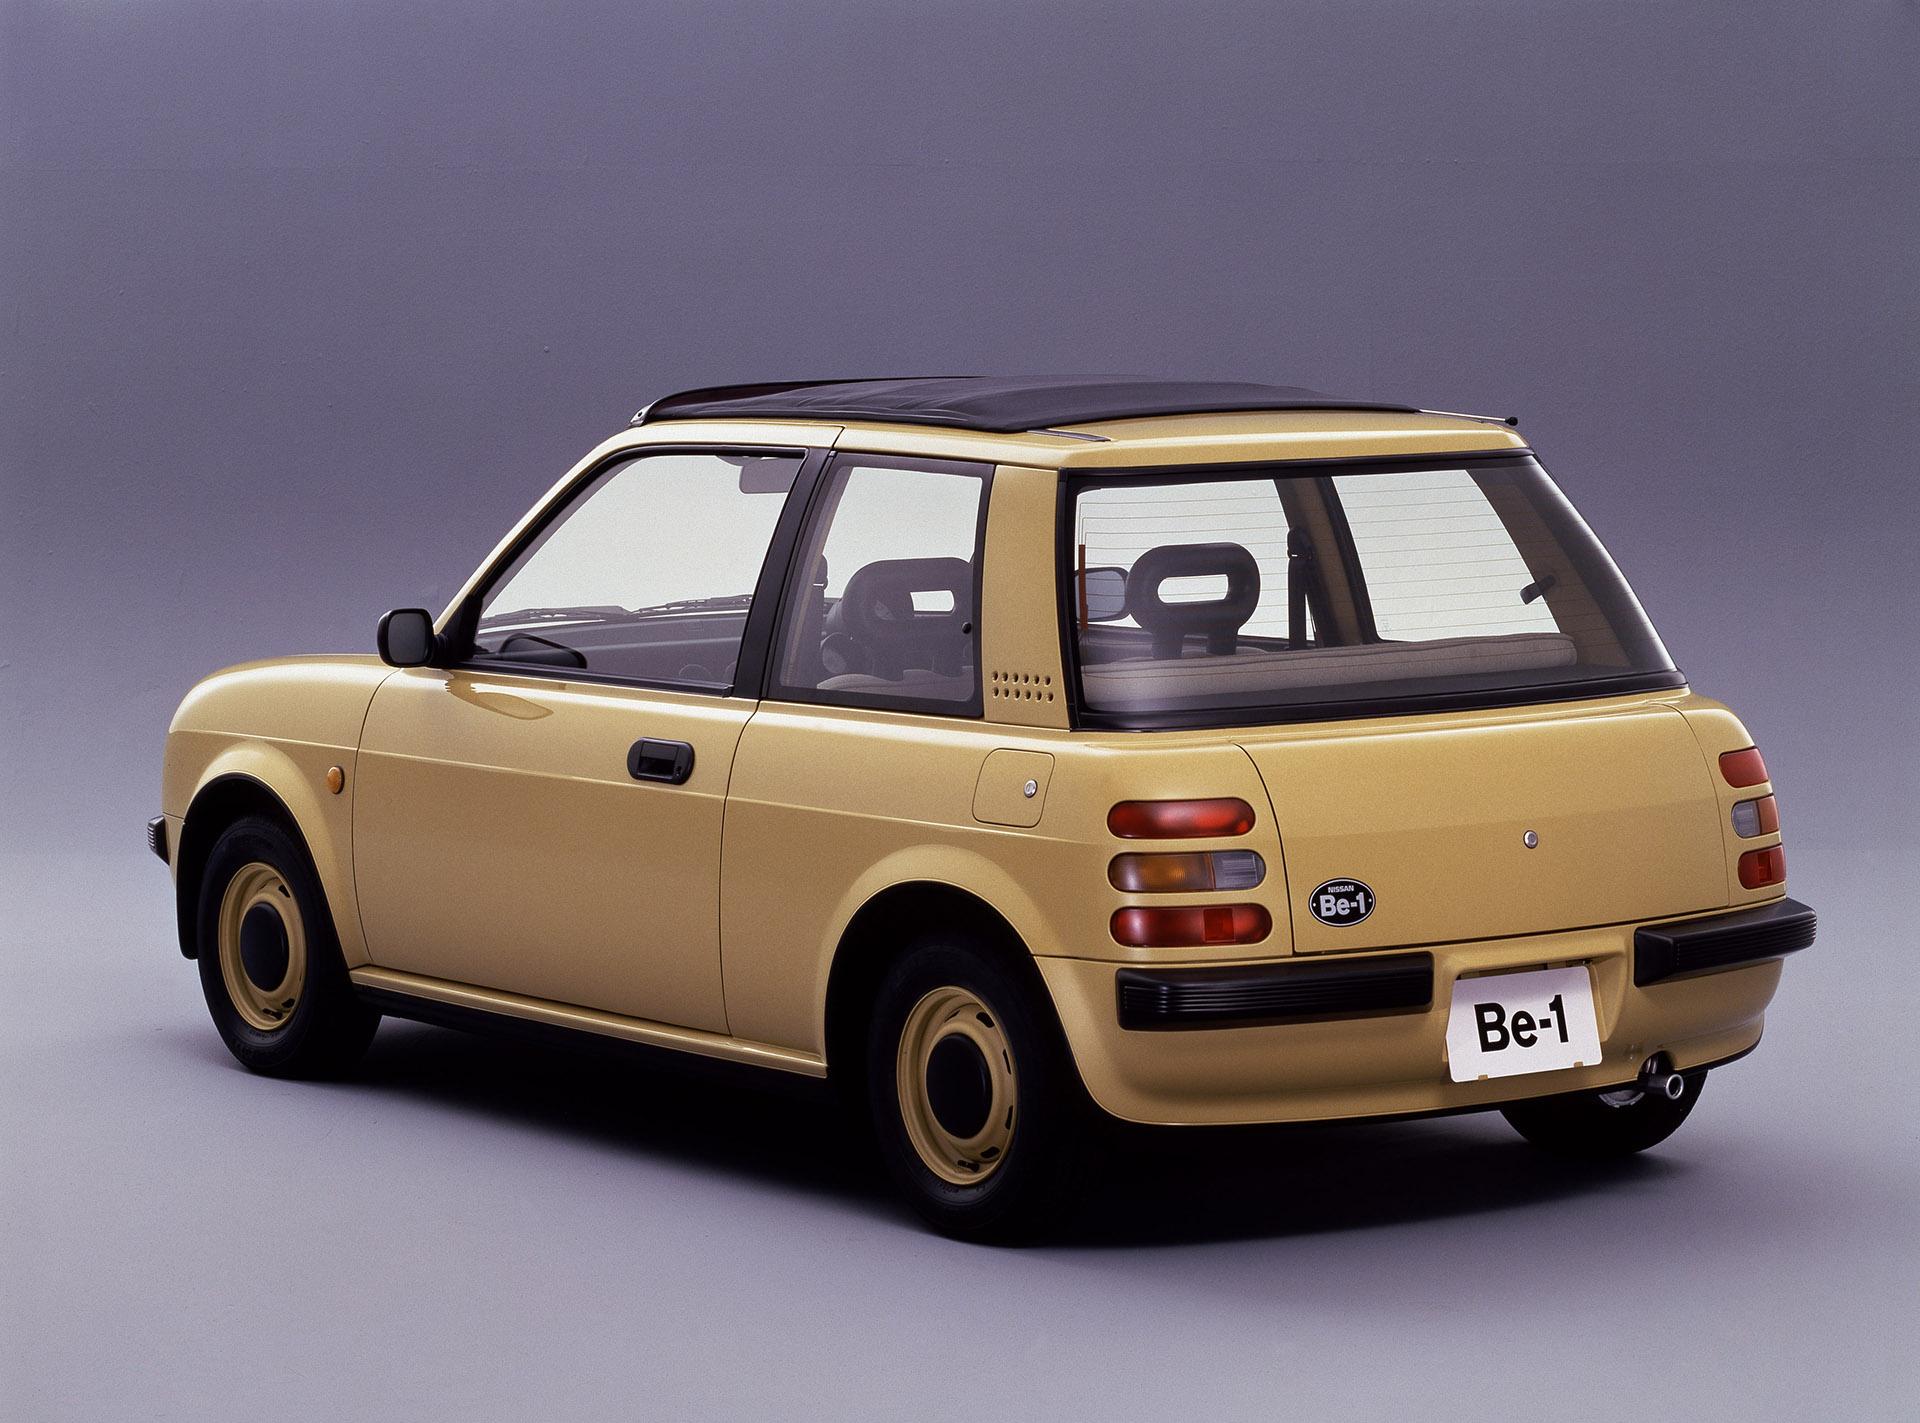 Nissan Be-1 rear 3/4